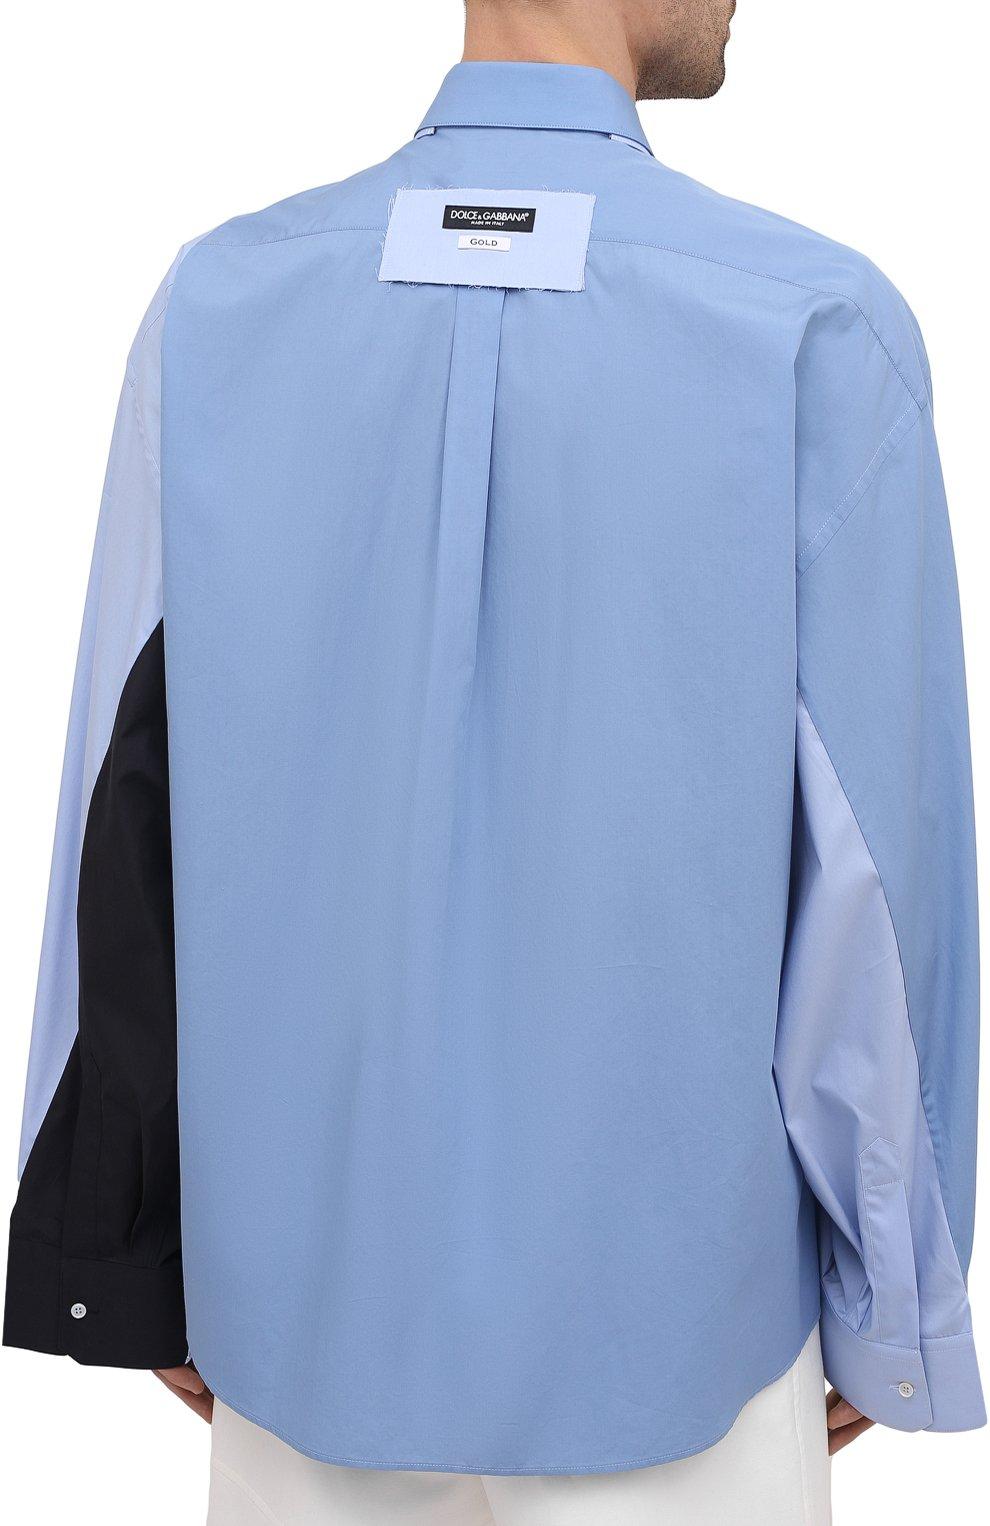 Мужская рубашка DOLCE & GABBANA голубого цвета, арт. G5IN5T/GEQ26 | Фото 4 (Манжеты: На пуговицах; Воротник: Кент; Рукава: Длинные; Случай: Повседневный; Длина (для топов): Стандартные; Материал внешний: Хлопок; Принт: Однотонные; Стили: Бохо)